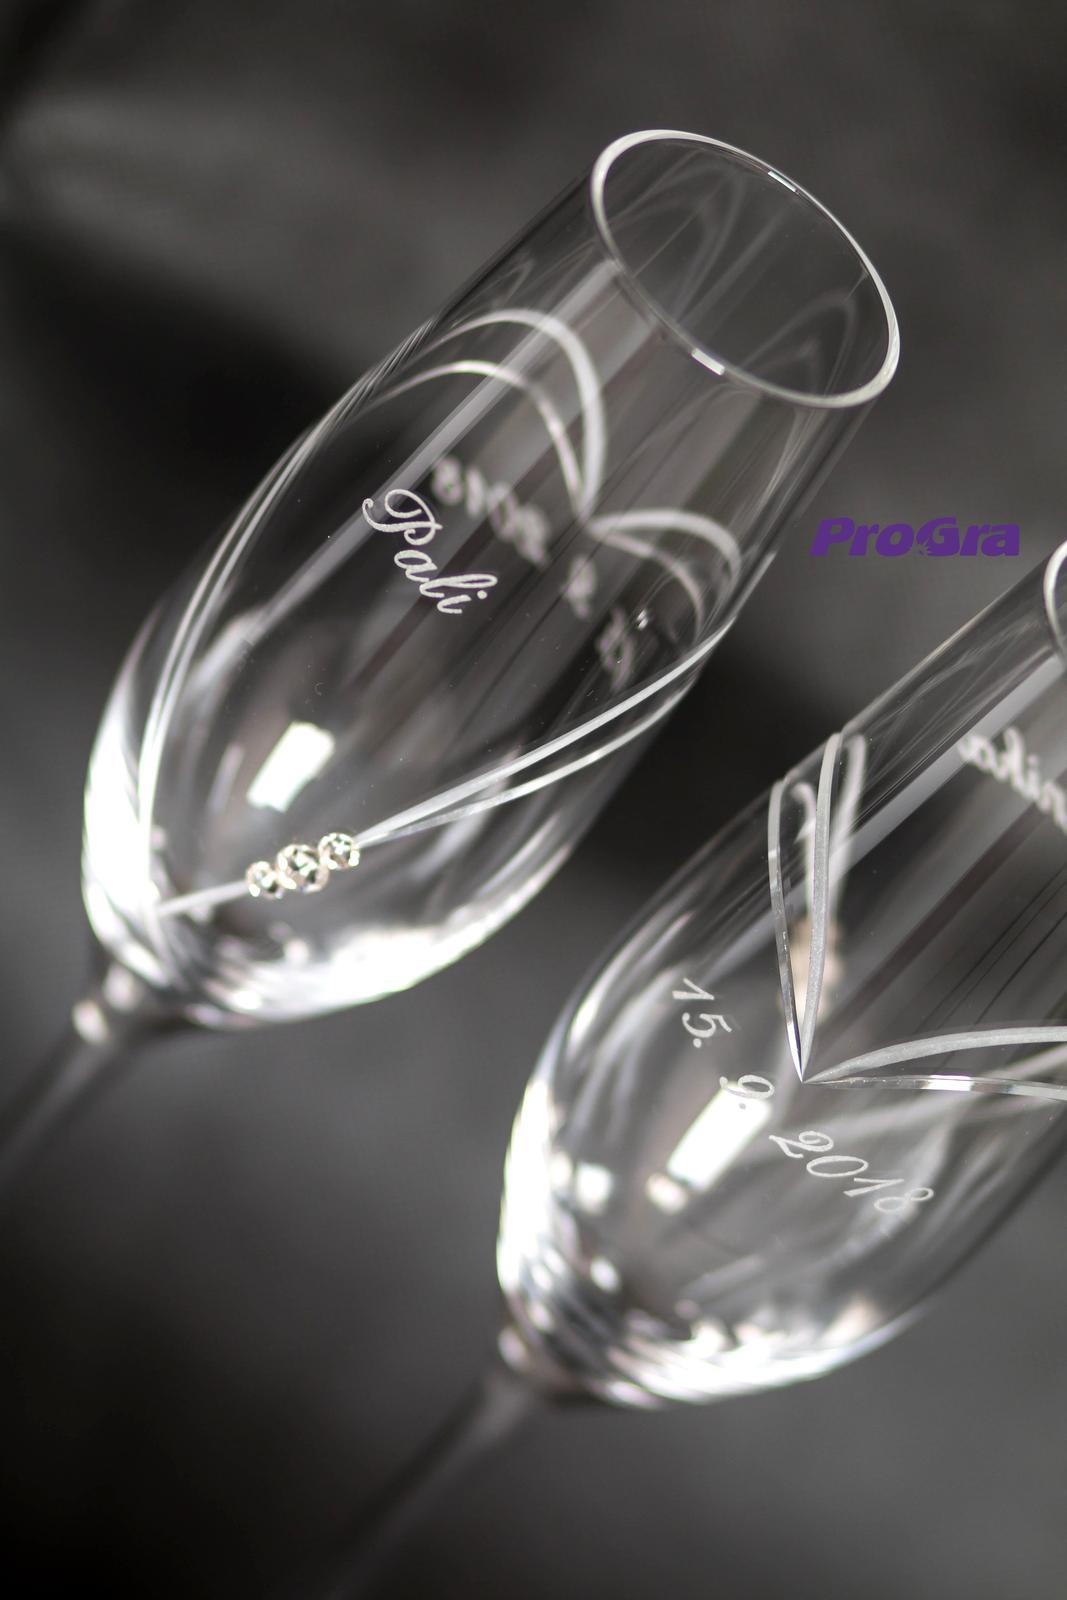 Svatební skleničky - Amelie-elegantní svatební šálky s výbrusem a Swarovski krystaly vygravírujeme se jmény a datem svatby